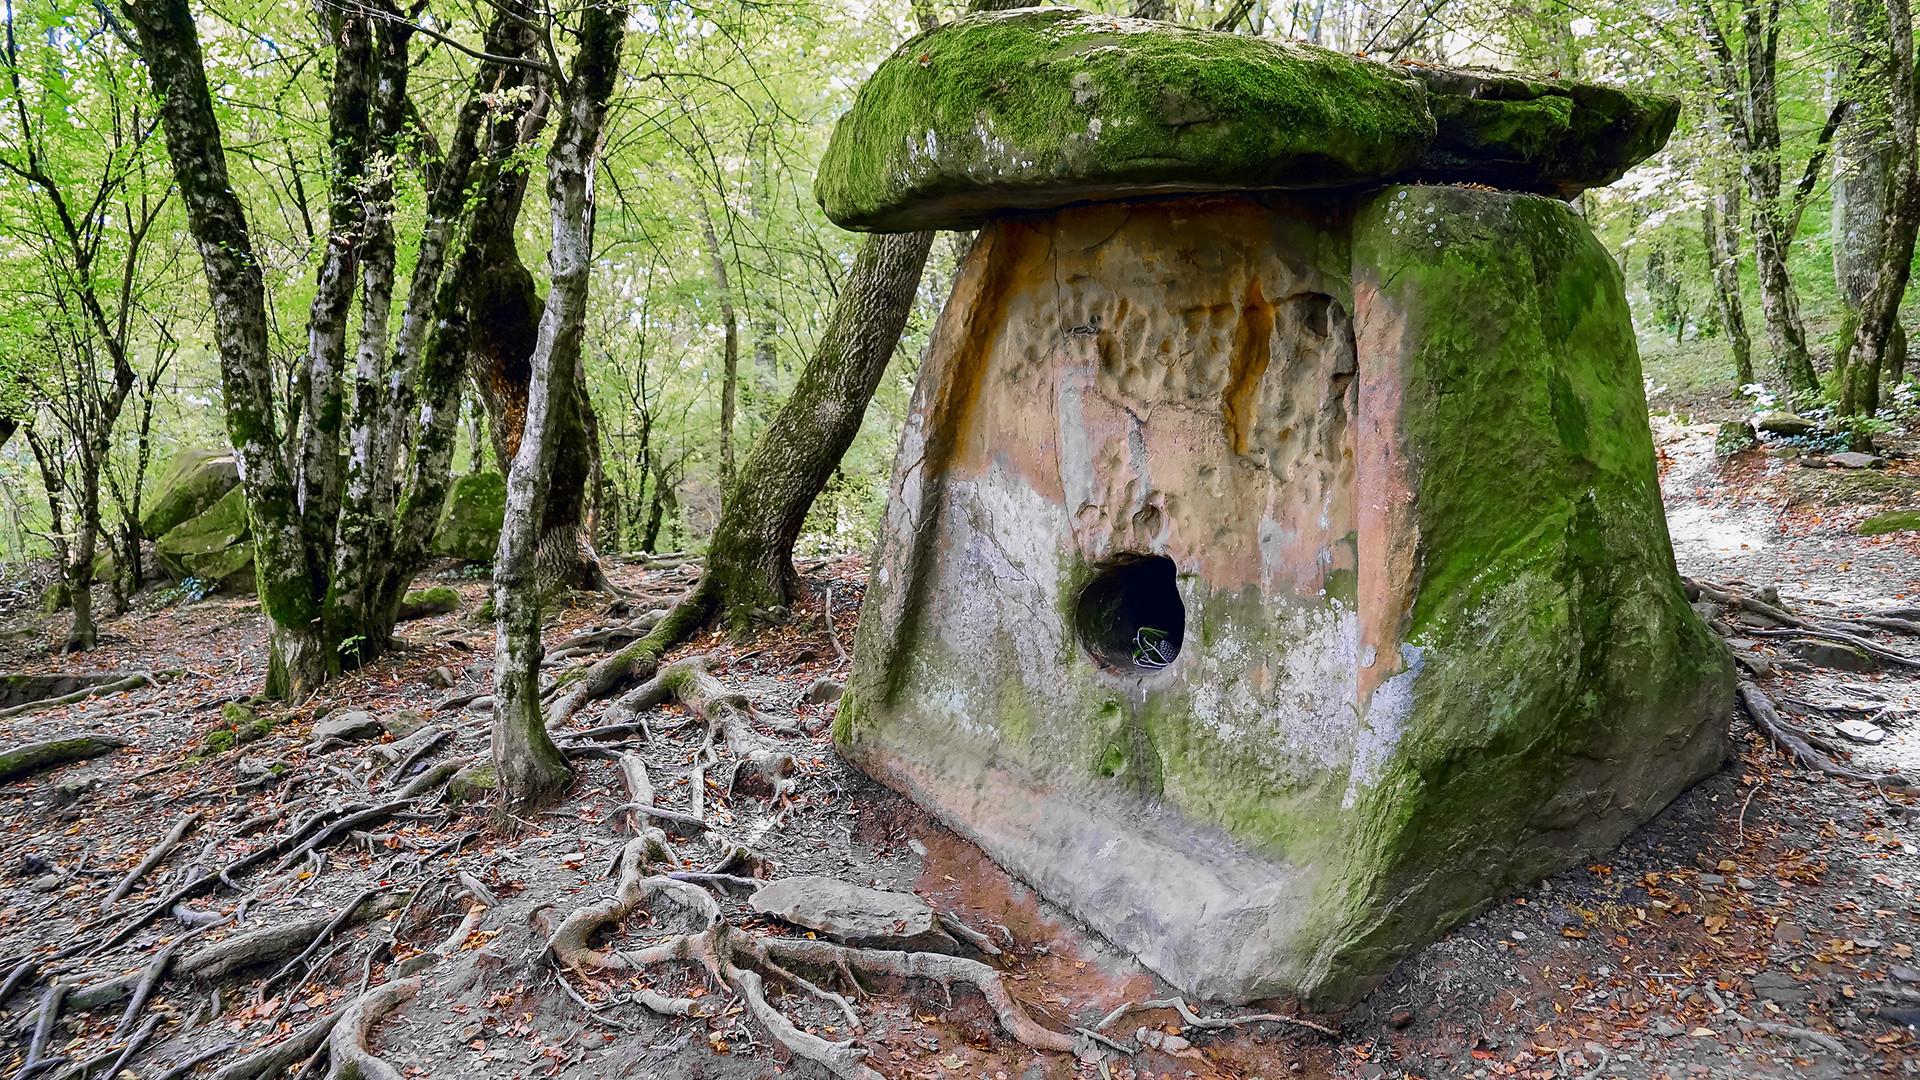 Дрвен мегалитски објект на долмени, село Пшада, Краснодарски крај, Русија